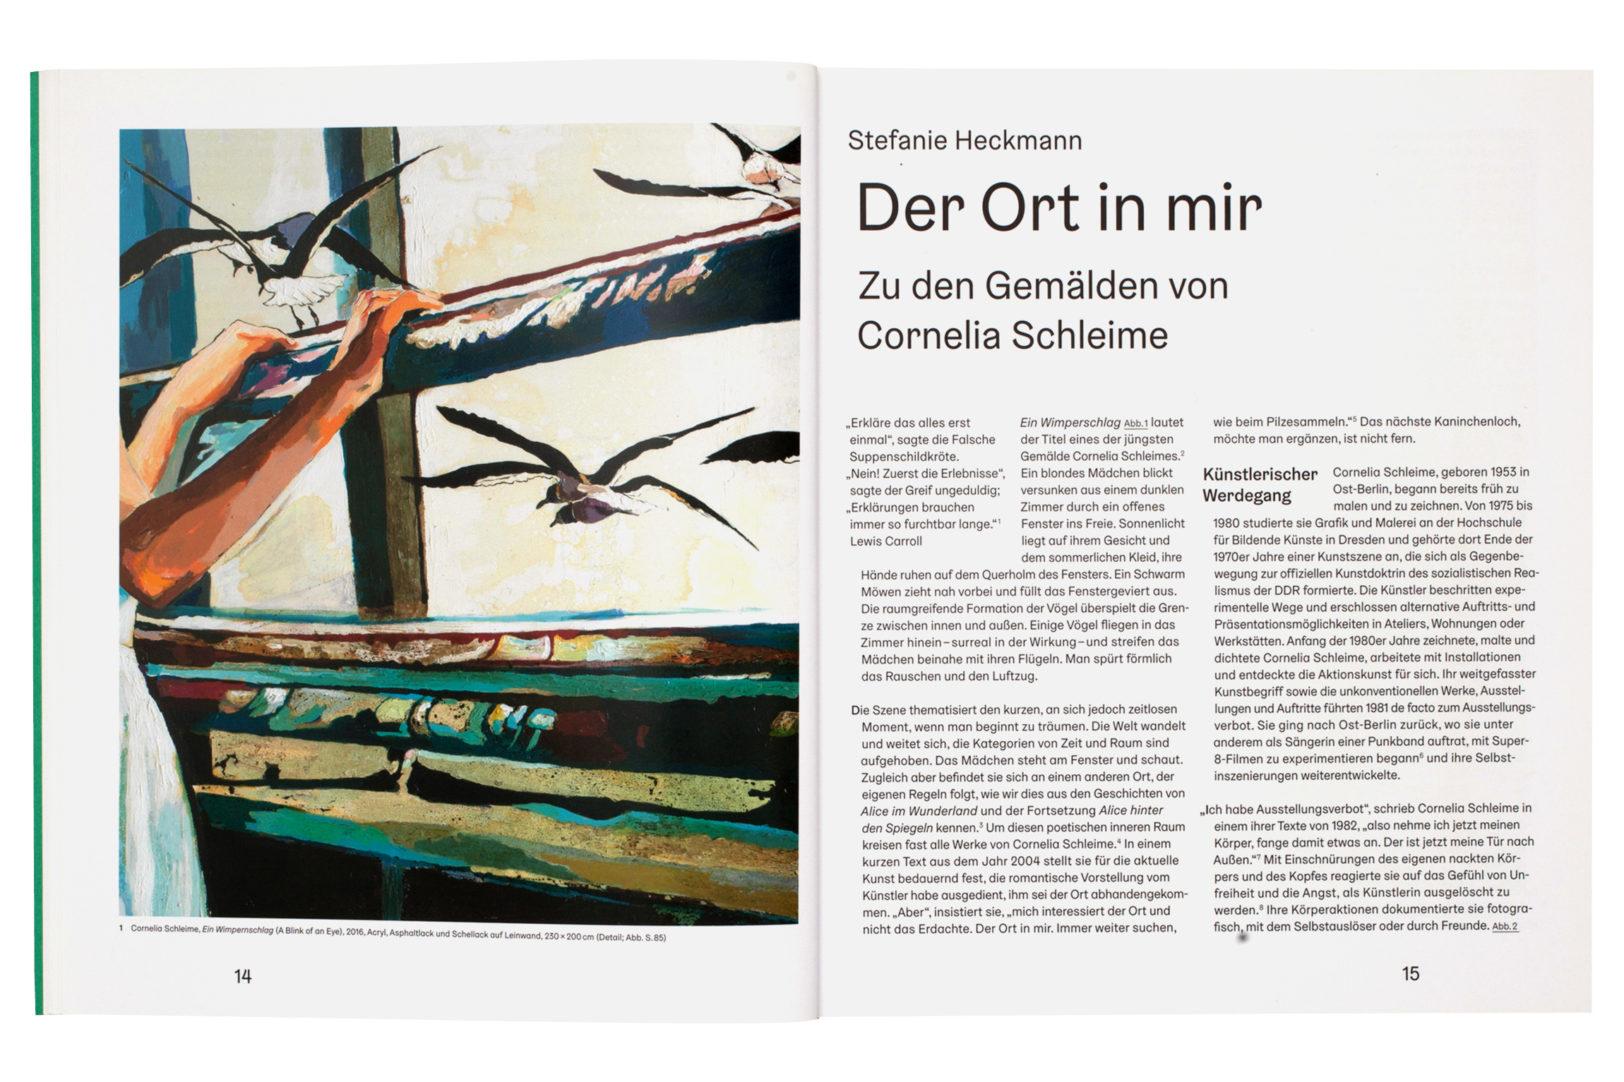 http://e-o-t.de/wordpress/wp-content/uploads/2017/11/eot-2016-CorneliaSchleime-Book-5.jpg